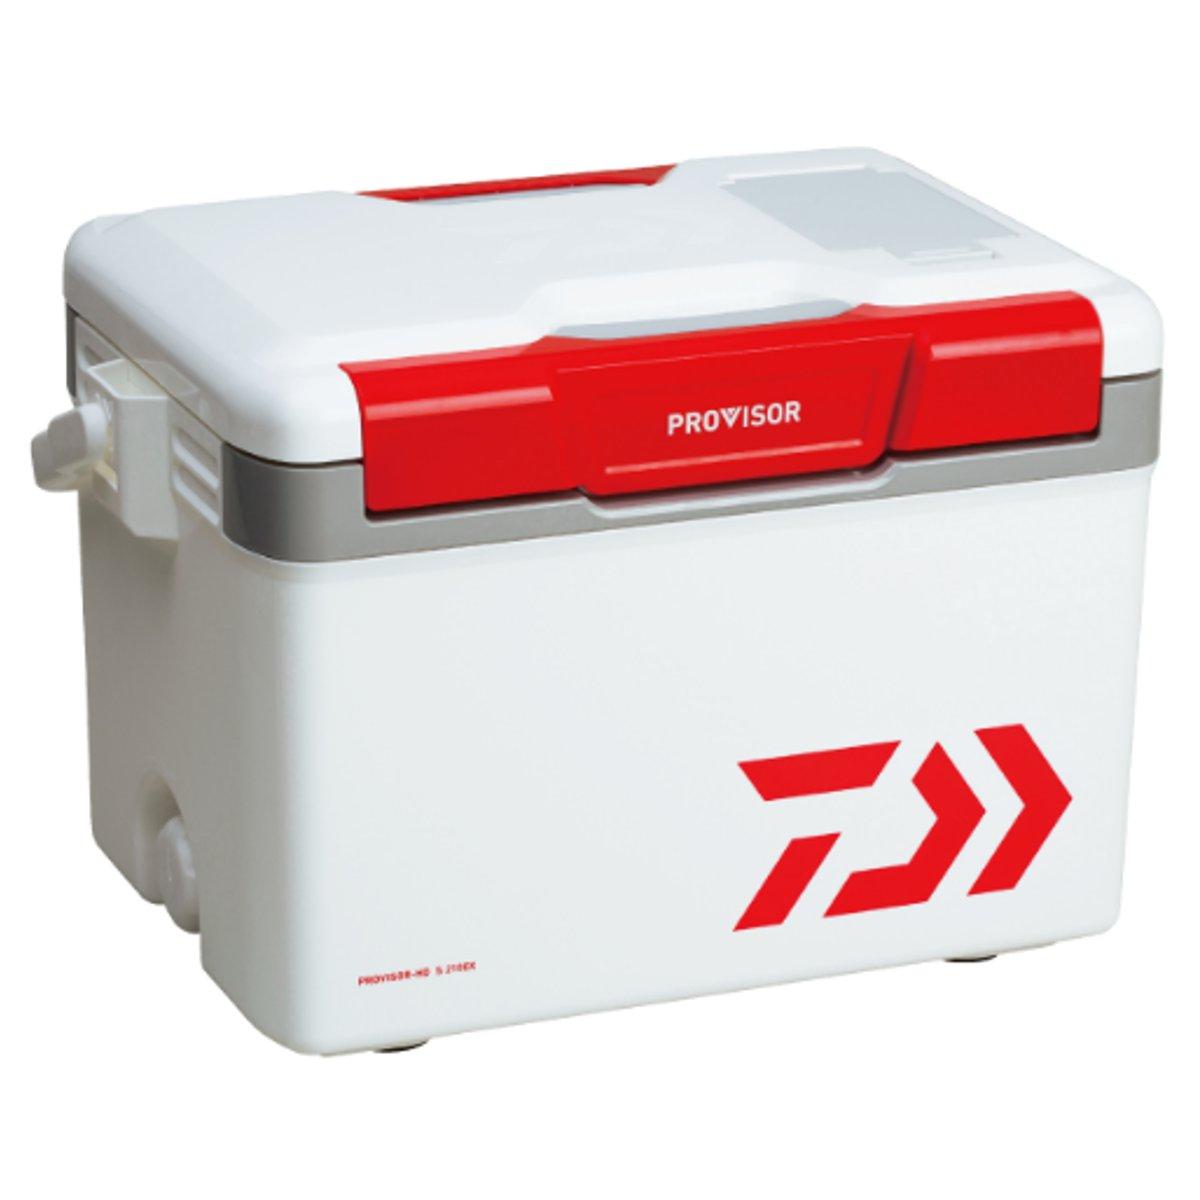 ダイワ プロバイザー HD S 2100X レッド クーラーボックス(東日本店)【同梱不可】